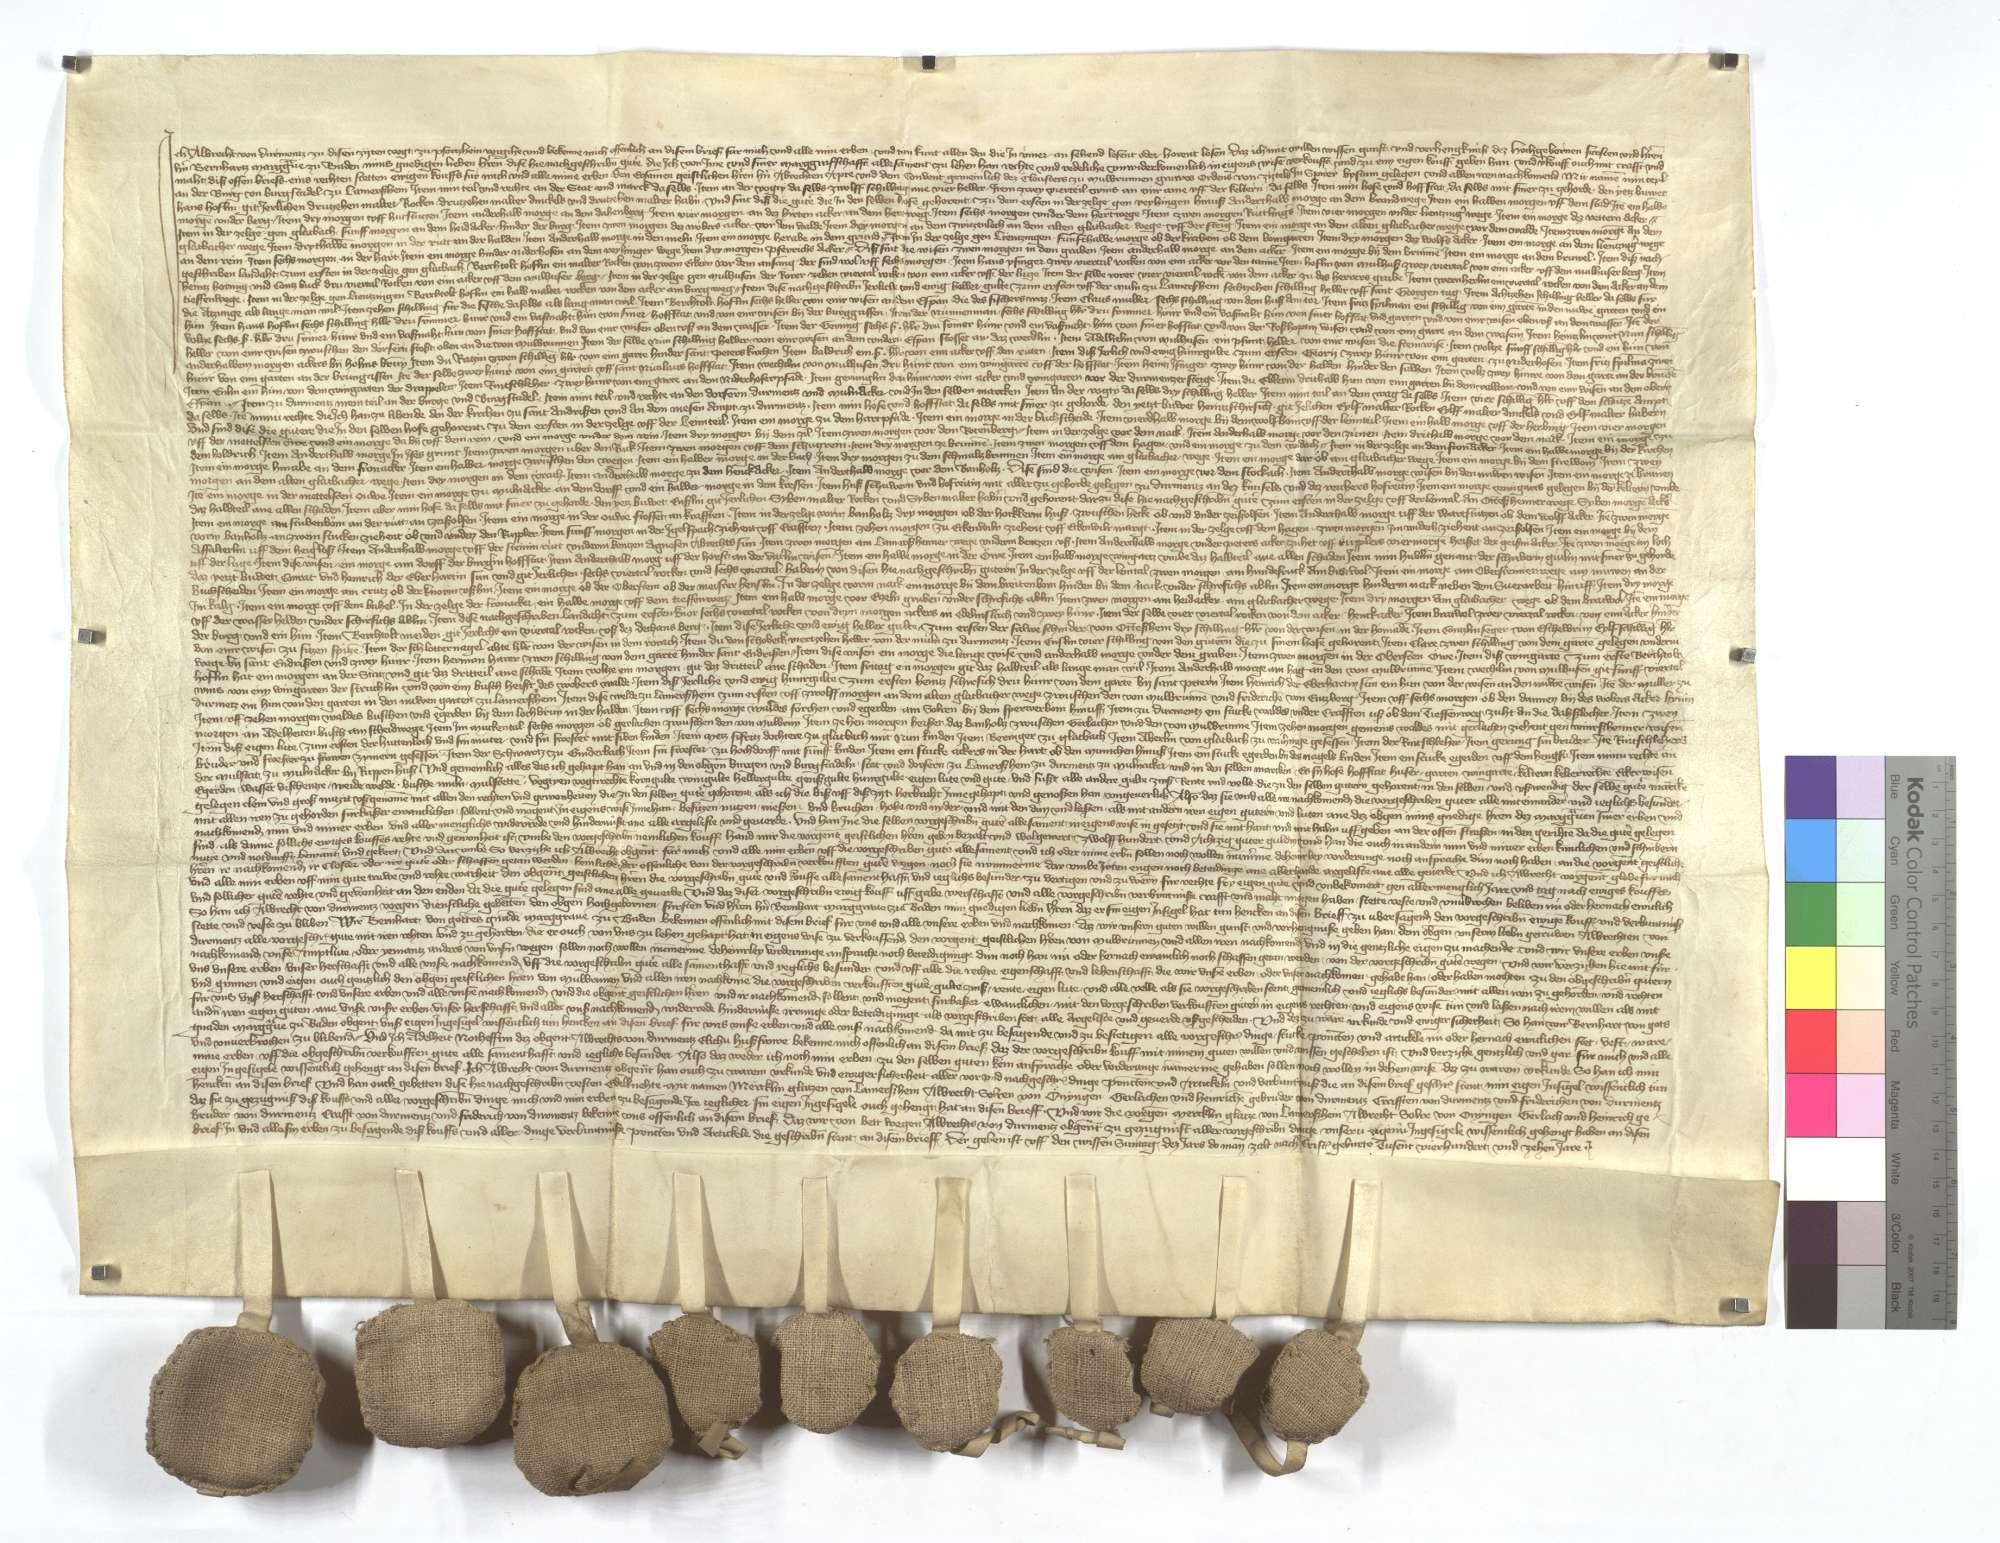 Albrecht von Dürrmenz, der Vogt von Pforzheim, verkauft dem Kloster Maulbronn all sein Einkommen und Gerechtsame in Lomersheim, Dürrmenz und Mühlacker (Mülacker)., Text